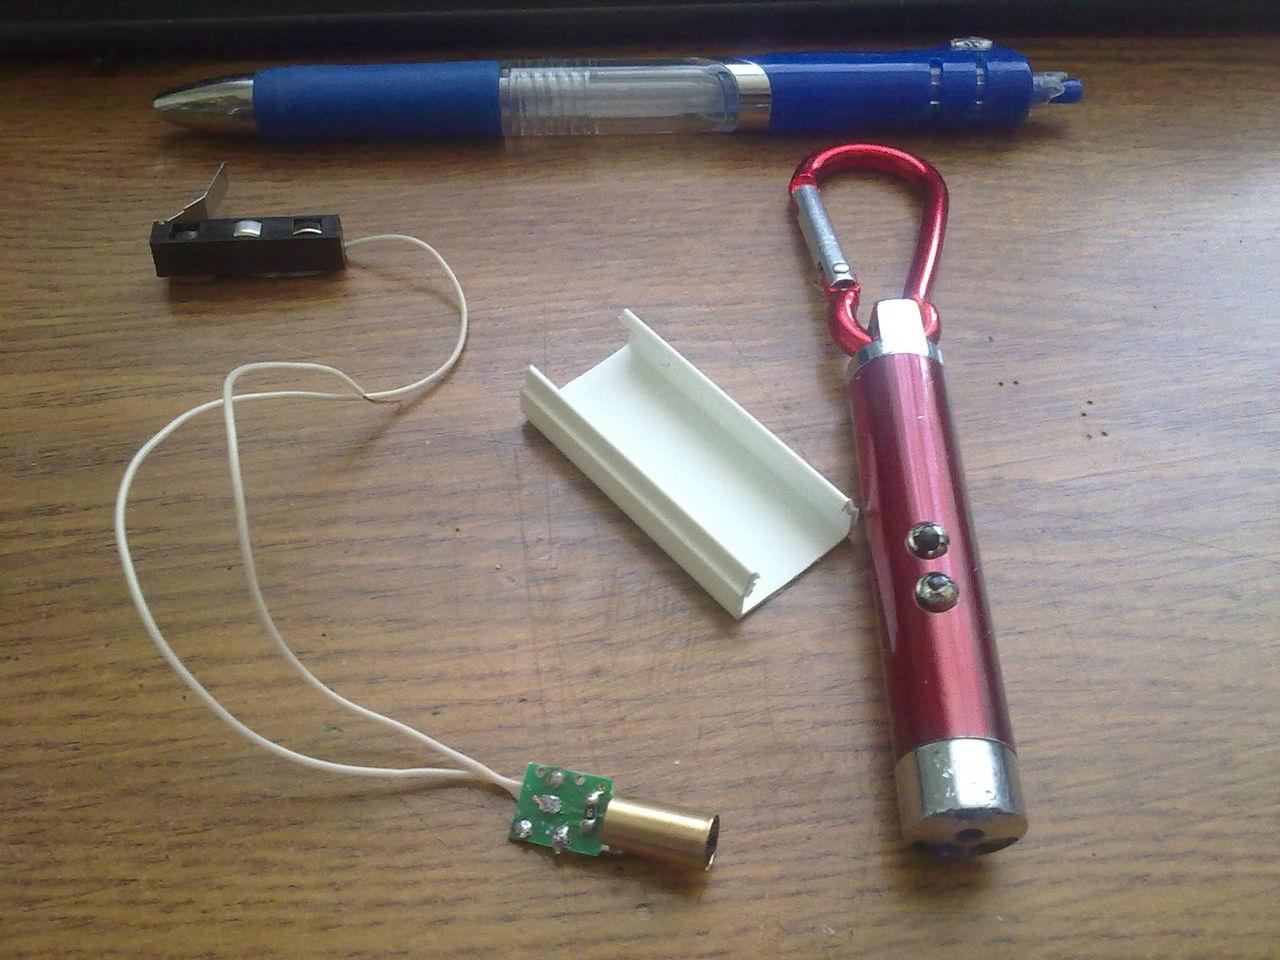 Лазерный прицел для пневматики своими руками фото 109